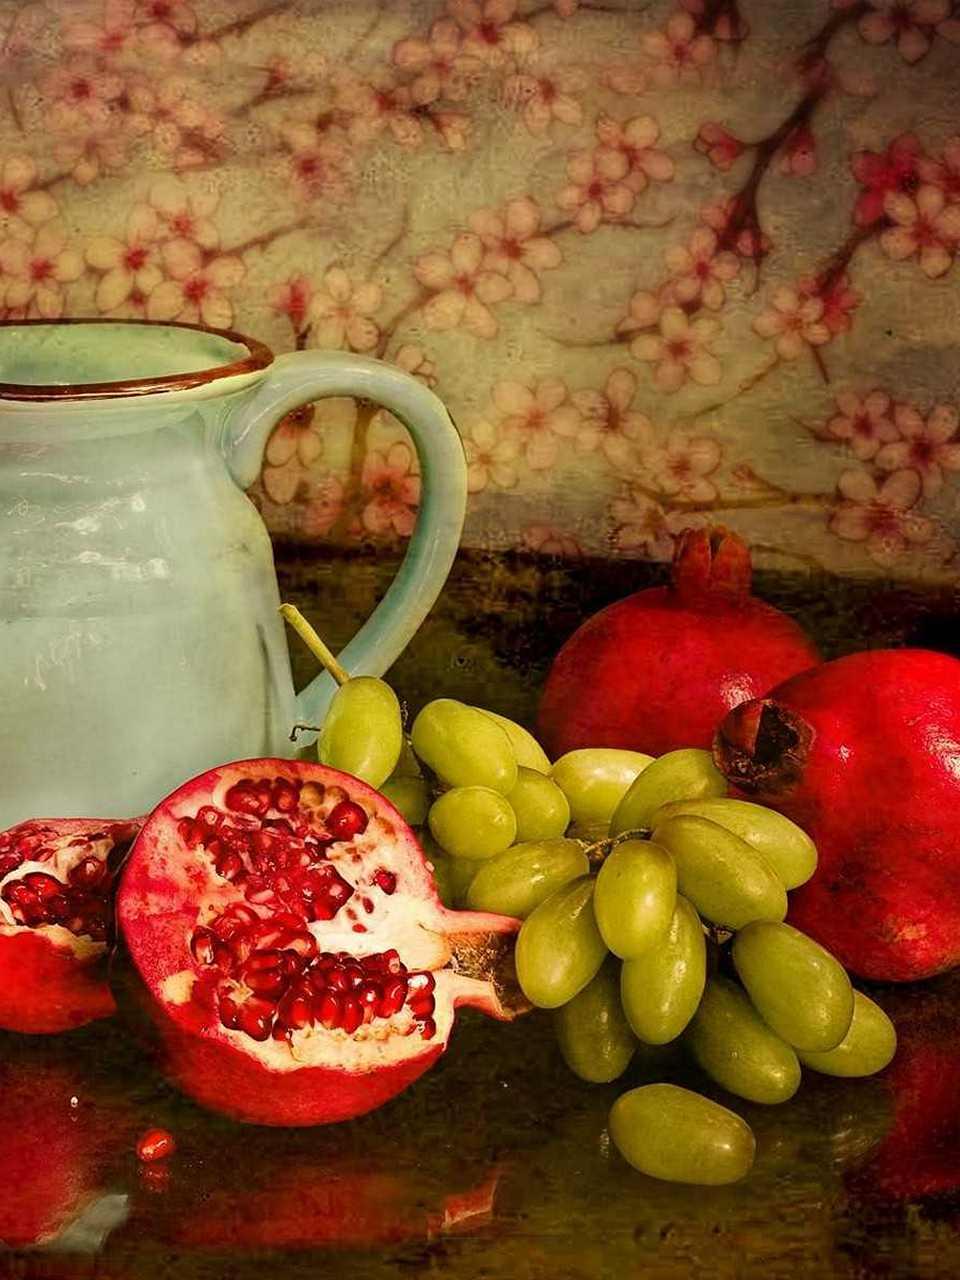 Ягоды 🍓 годжи. Чудесные ягоды Годжи и их эффект